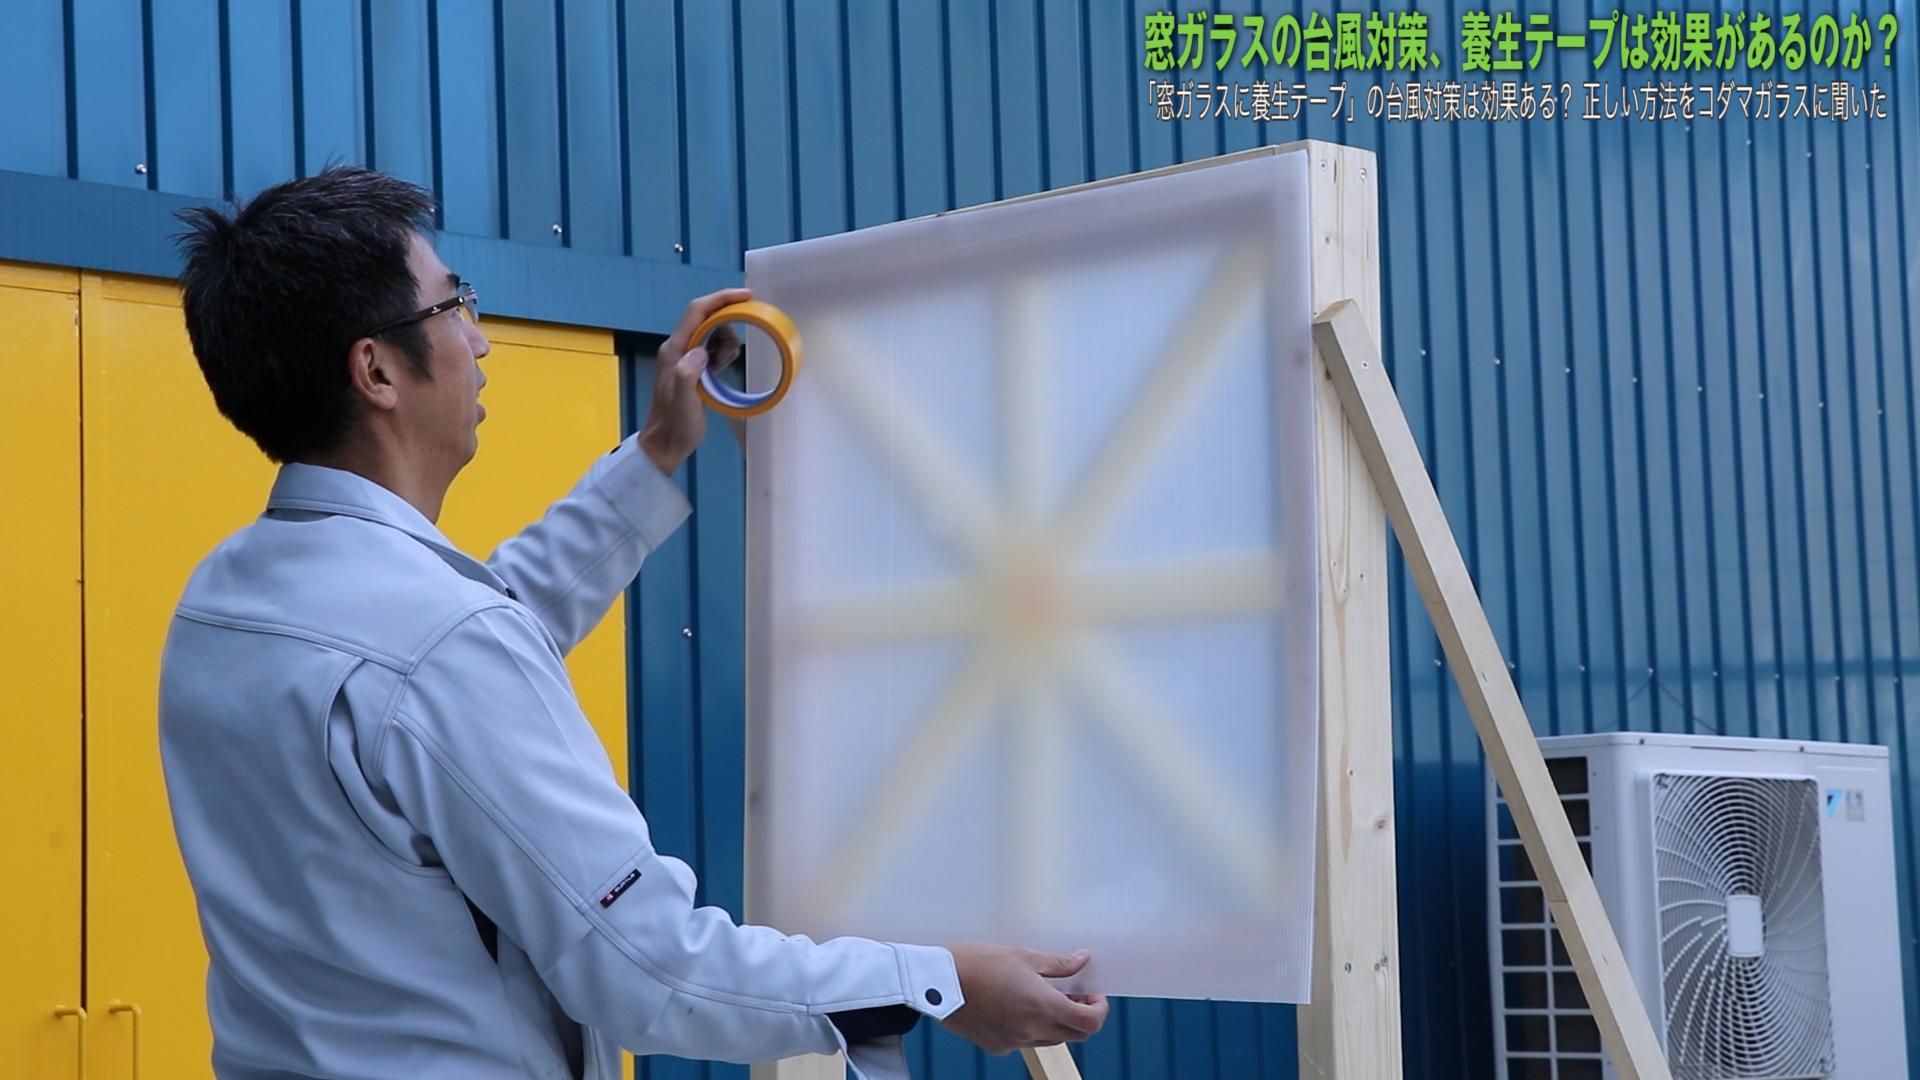 窓ガラスに養生テープ」の台風対策は効果ある? 正しい方法を大阪は ...